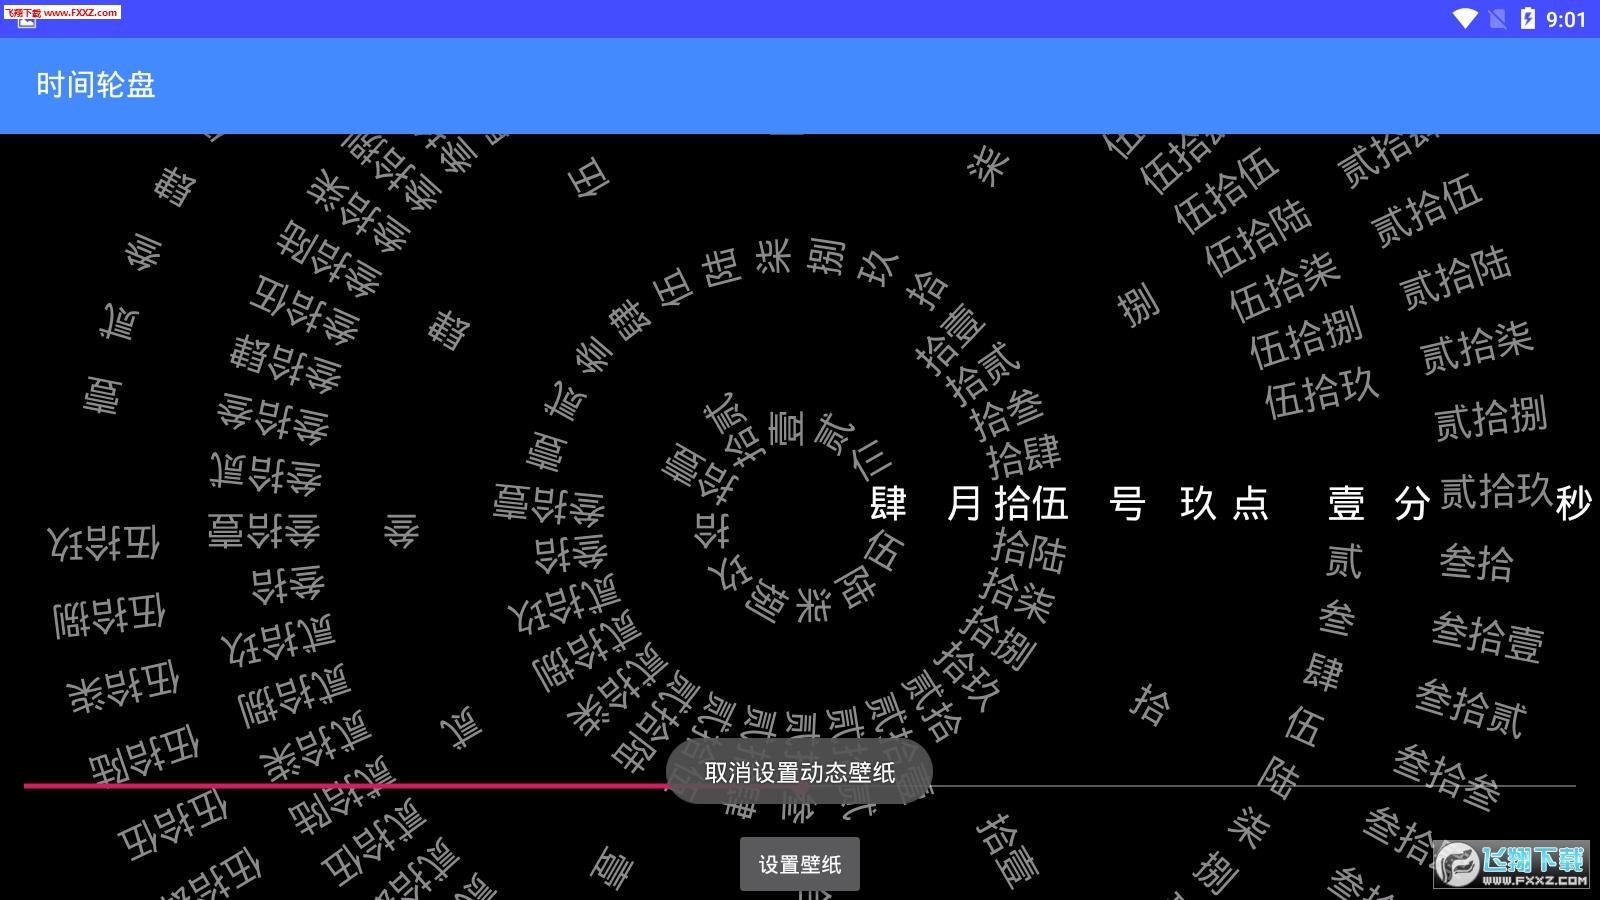 抖音时间轮盘动态壁纸v1.91截图2